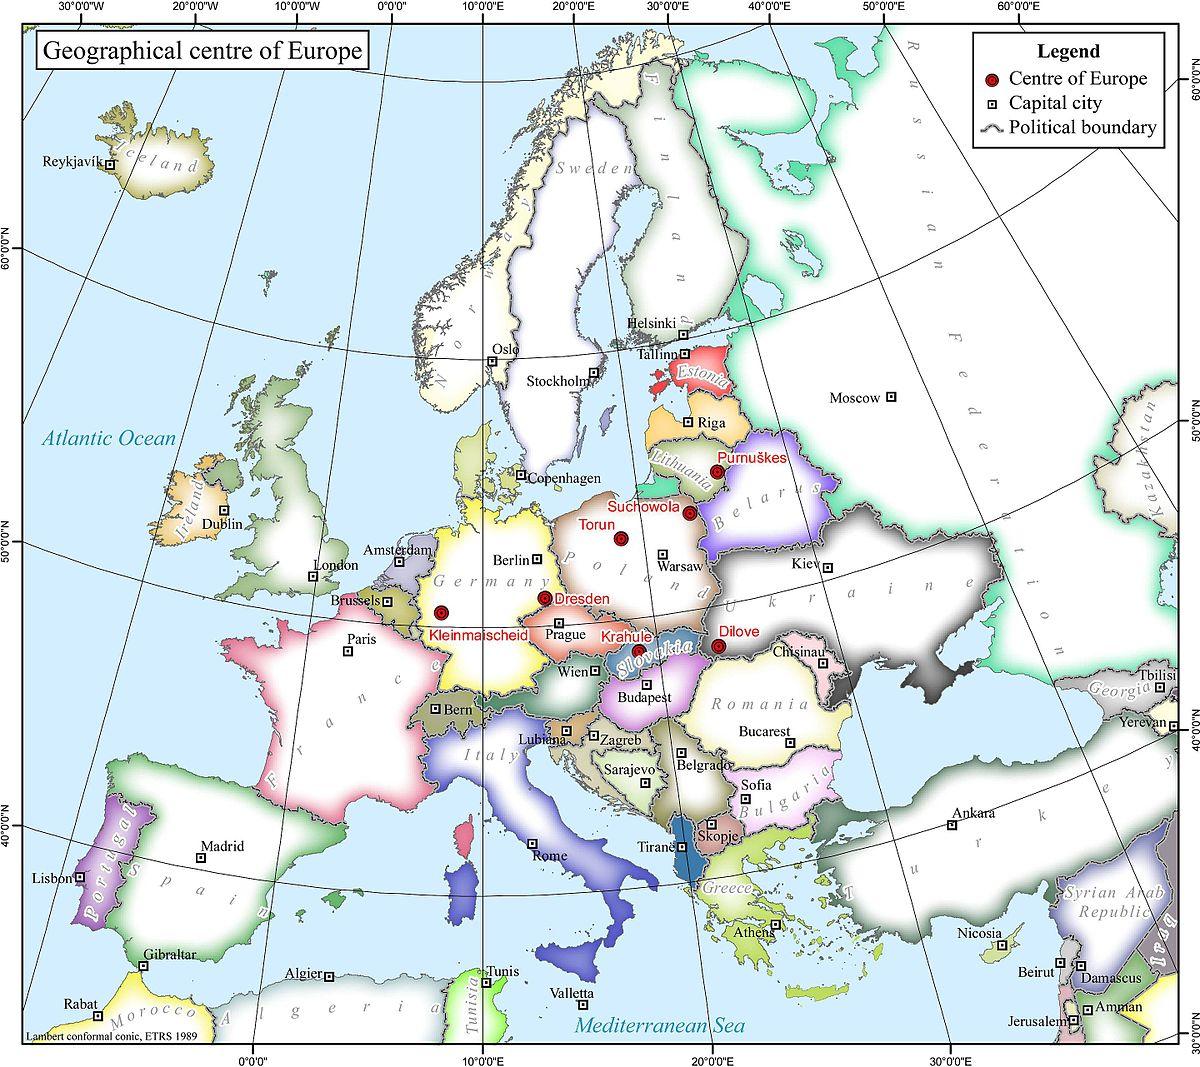 россия входит в европу